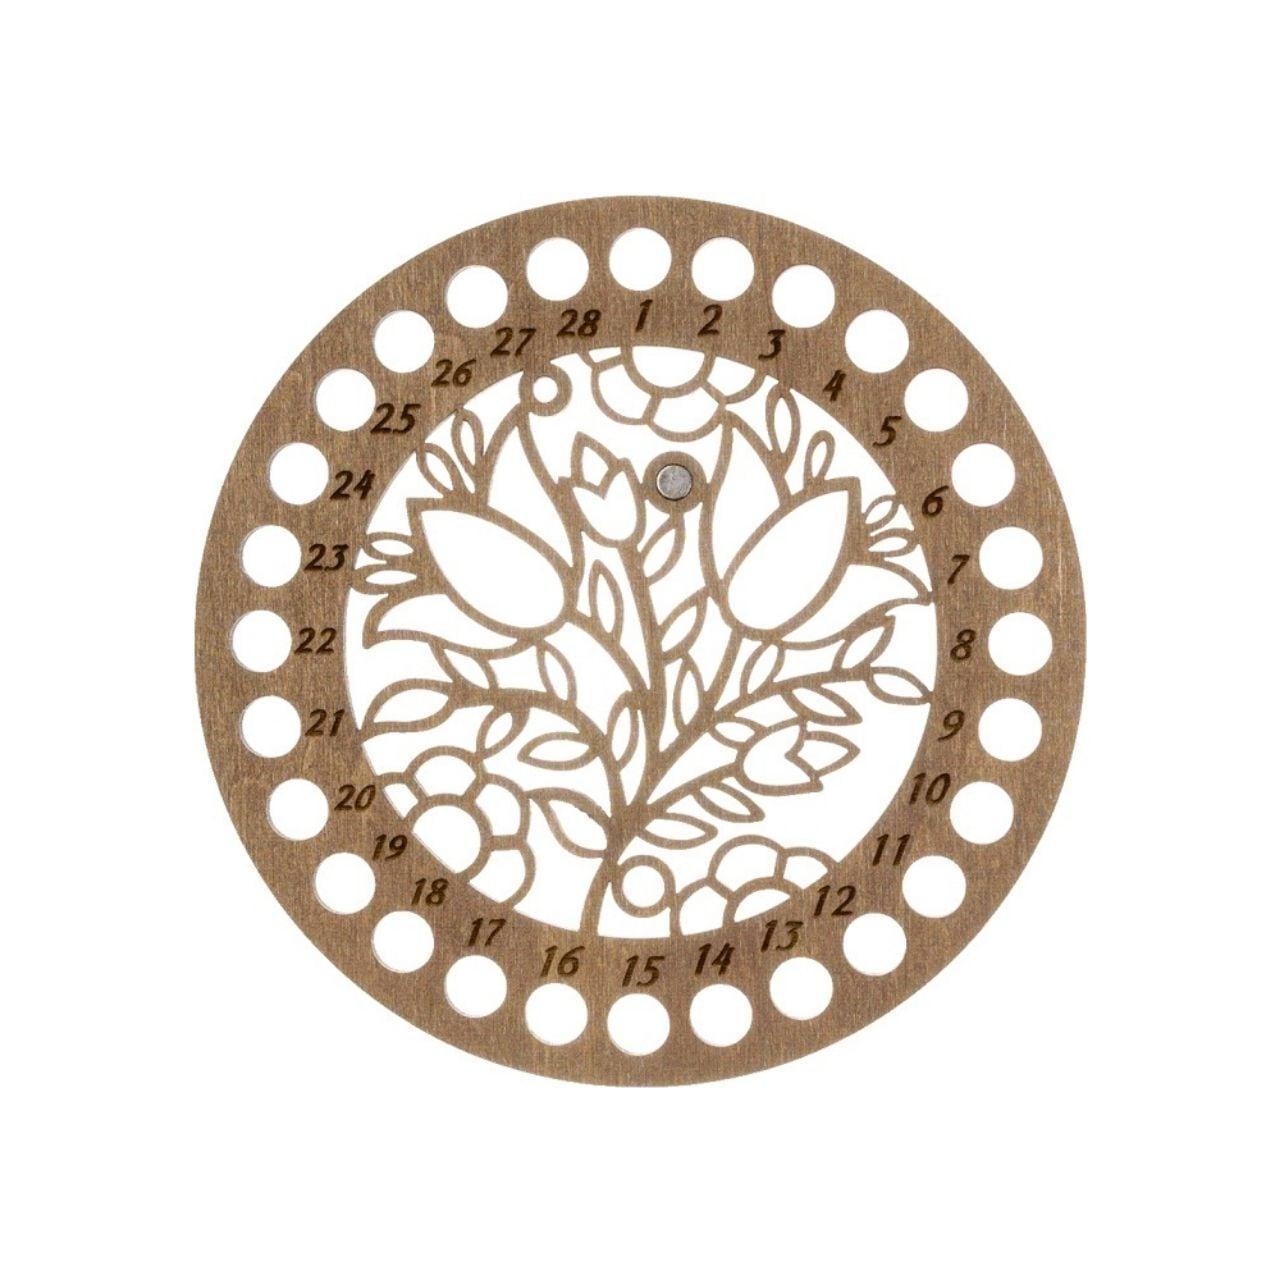 刺繍糸オーガナイザー【透かし円形】